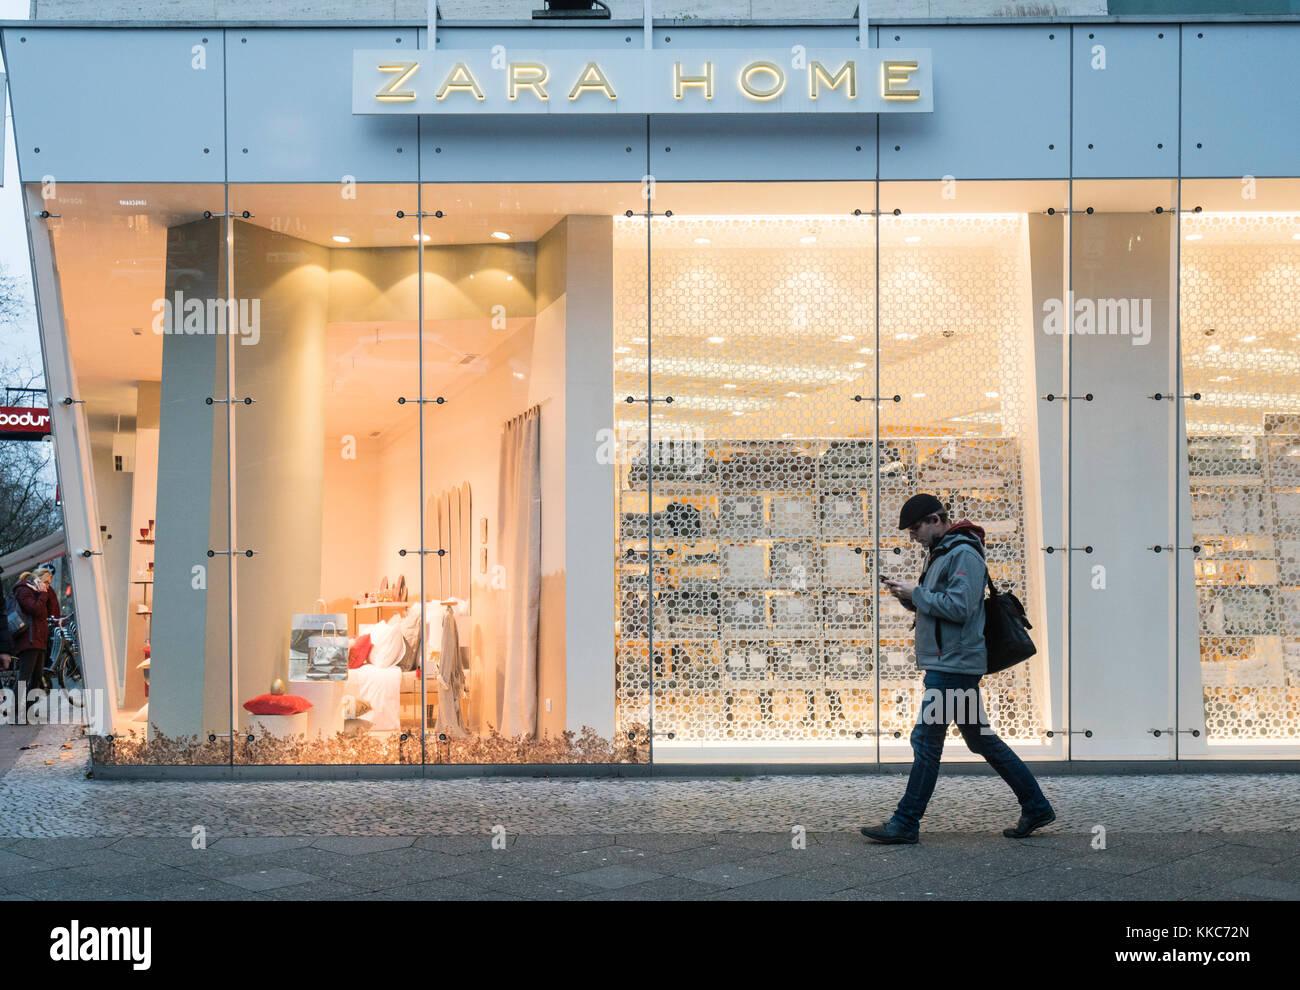 Zara Shopping Stock Photos & Zara Shopping Stock Images